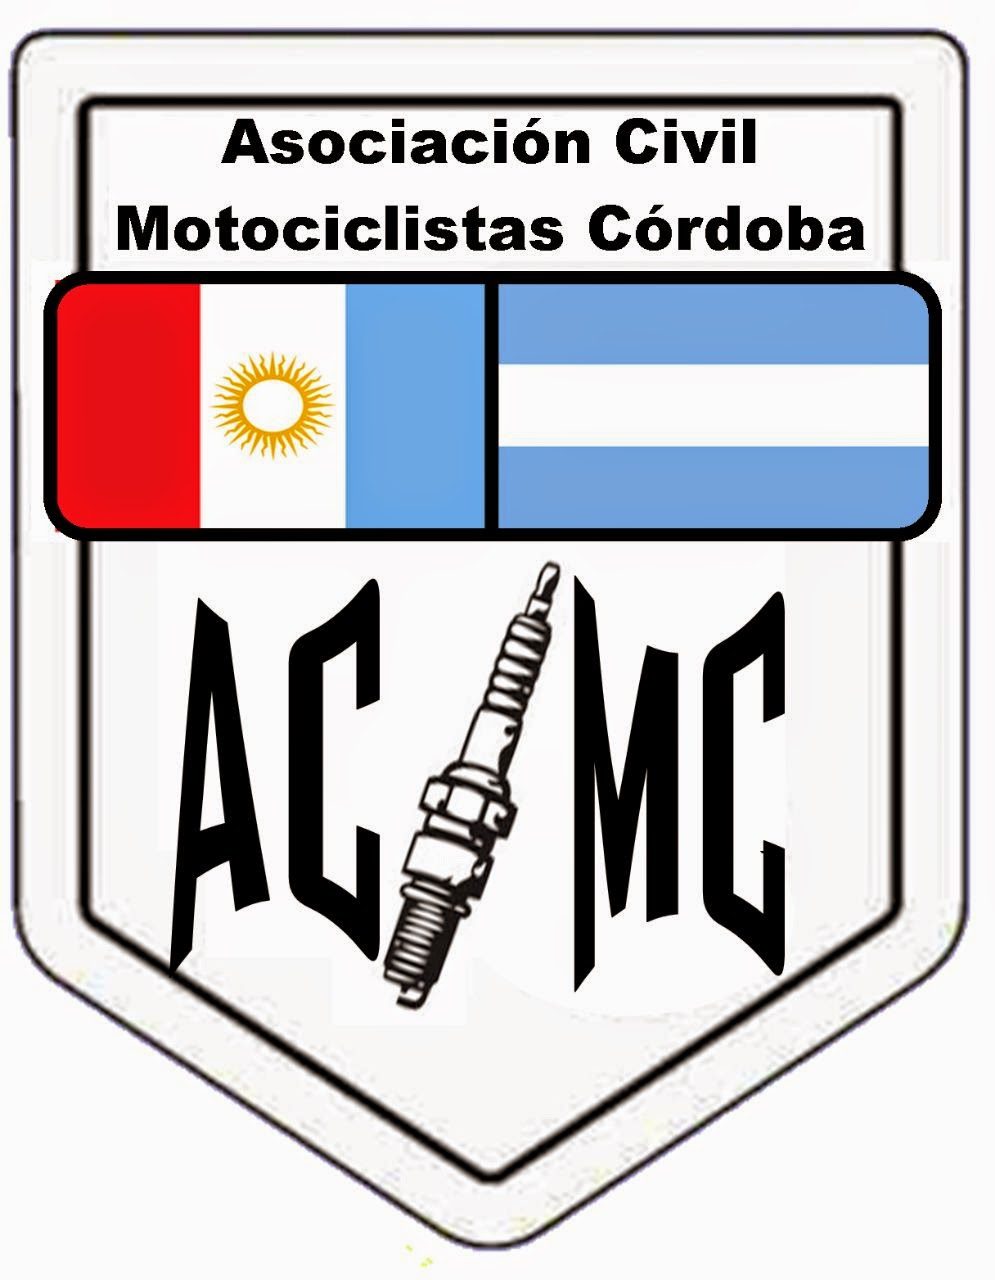 Asociación Civil Motociclistas Córdoba - AC/MC